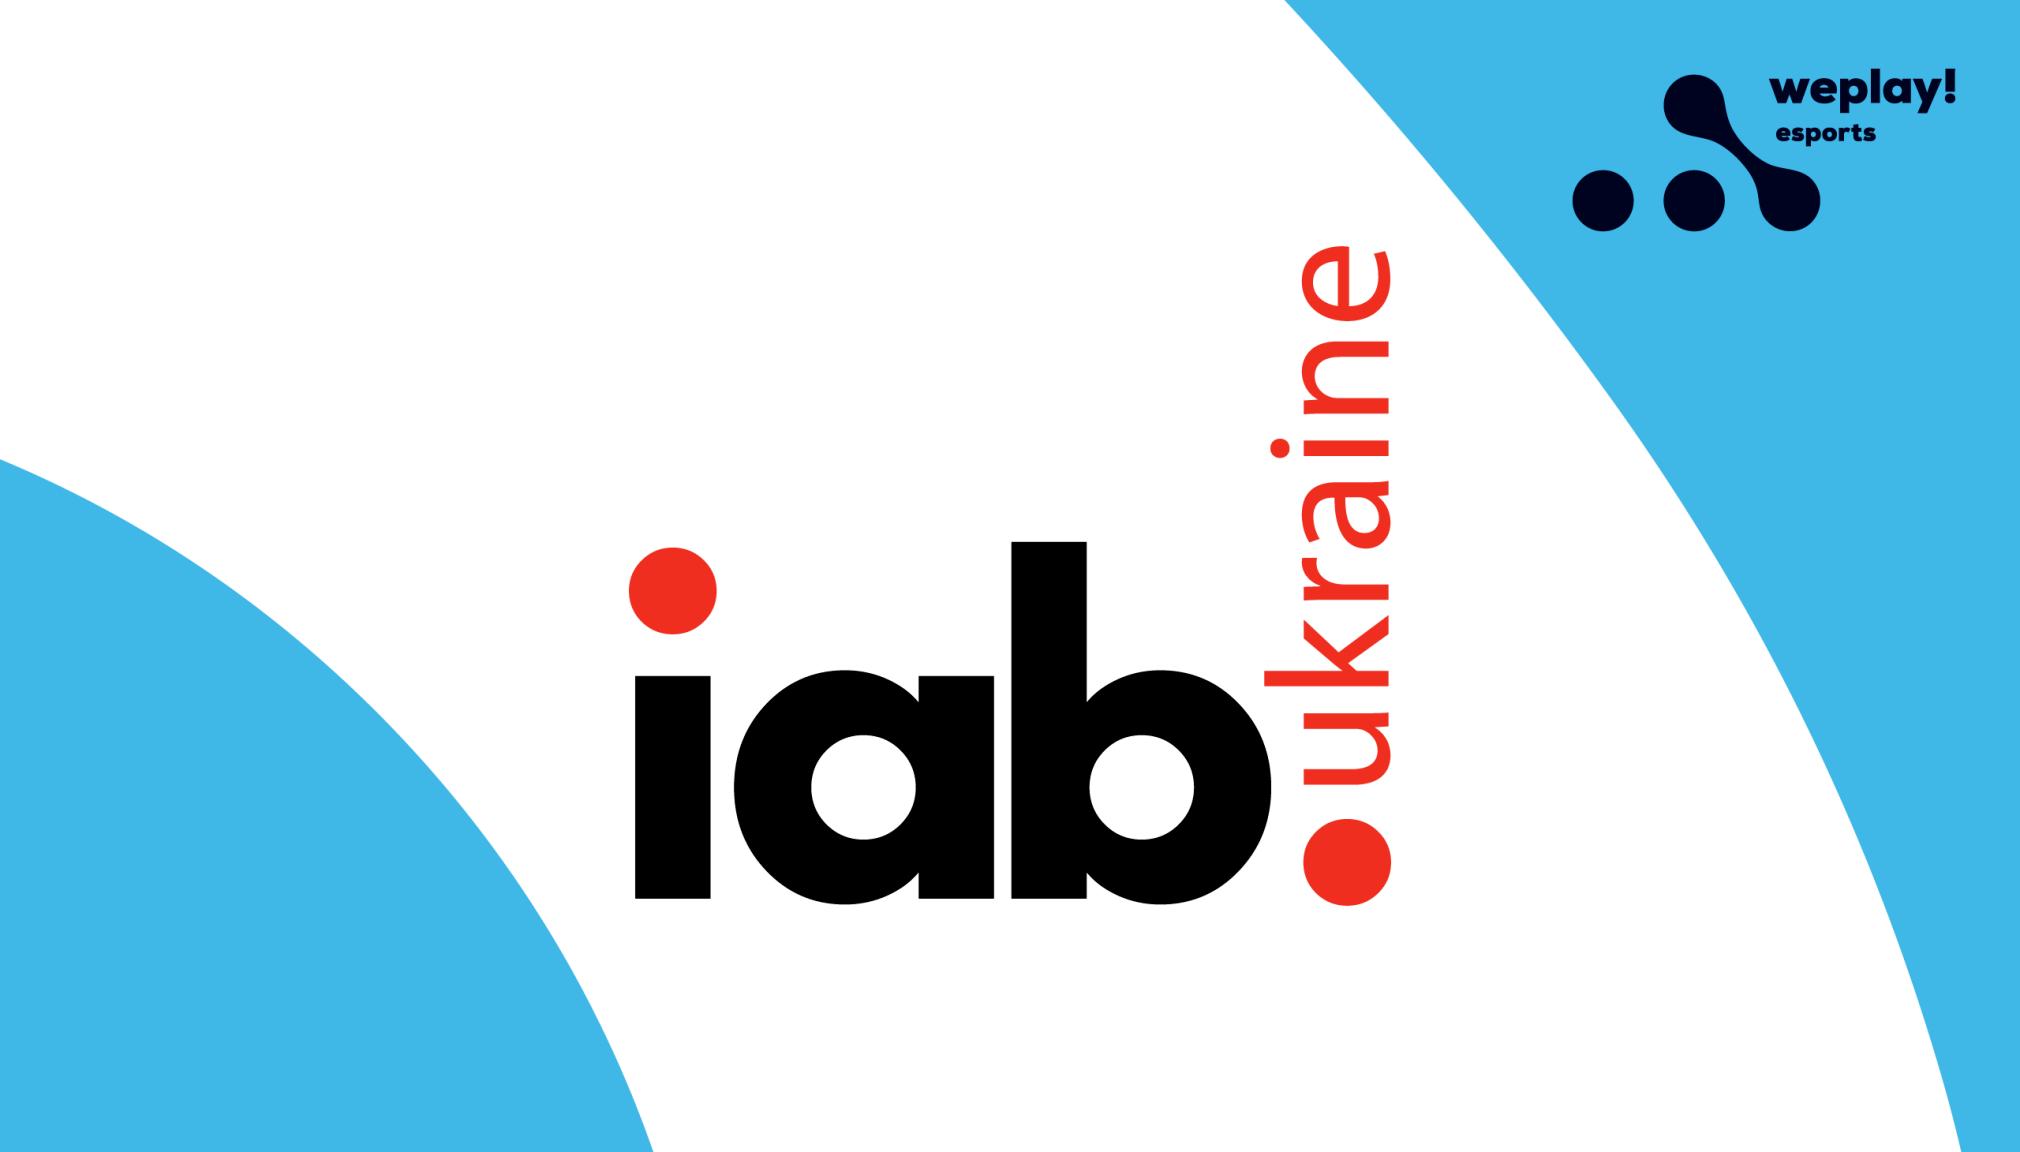 WePlay! Esports has joined IAB Ukraine